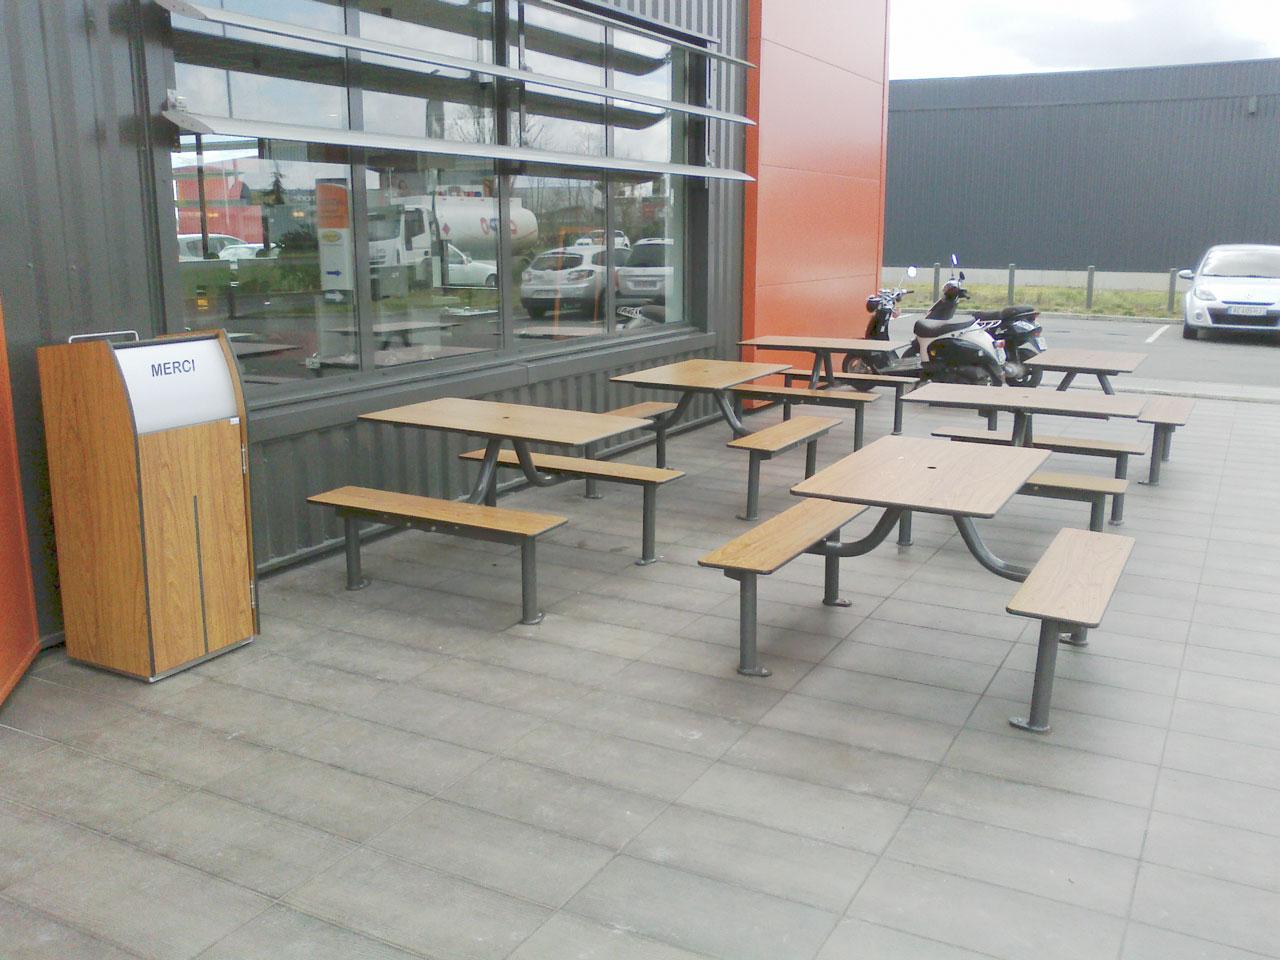 Mobilier terrasse restaurant pique nique bancs et - Table de terrasse restaurant ...